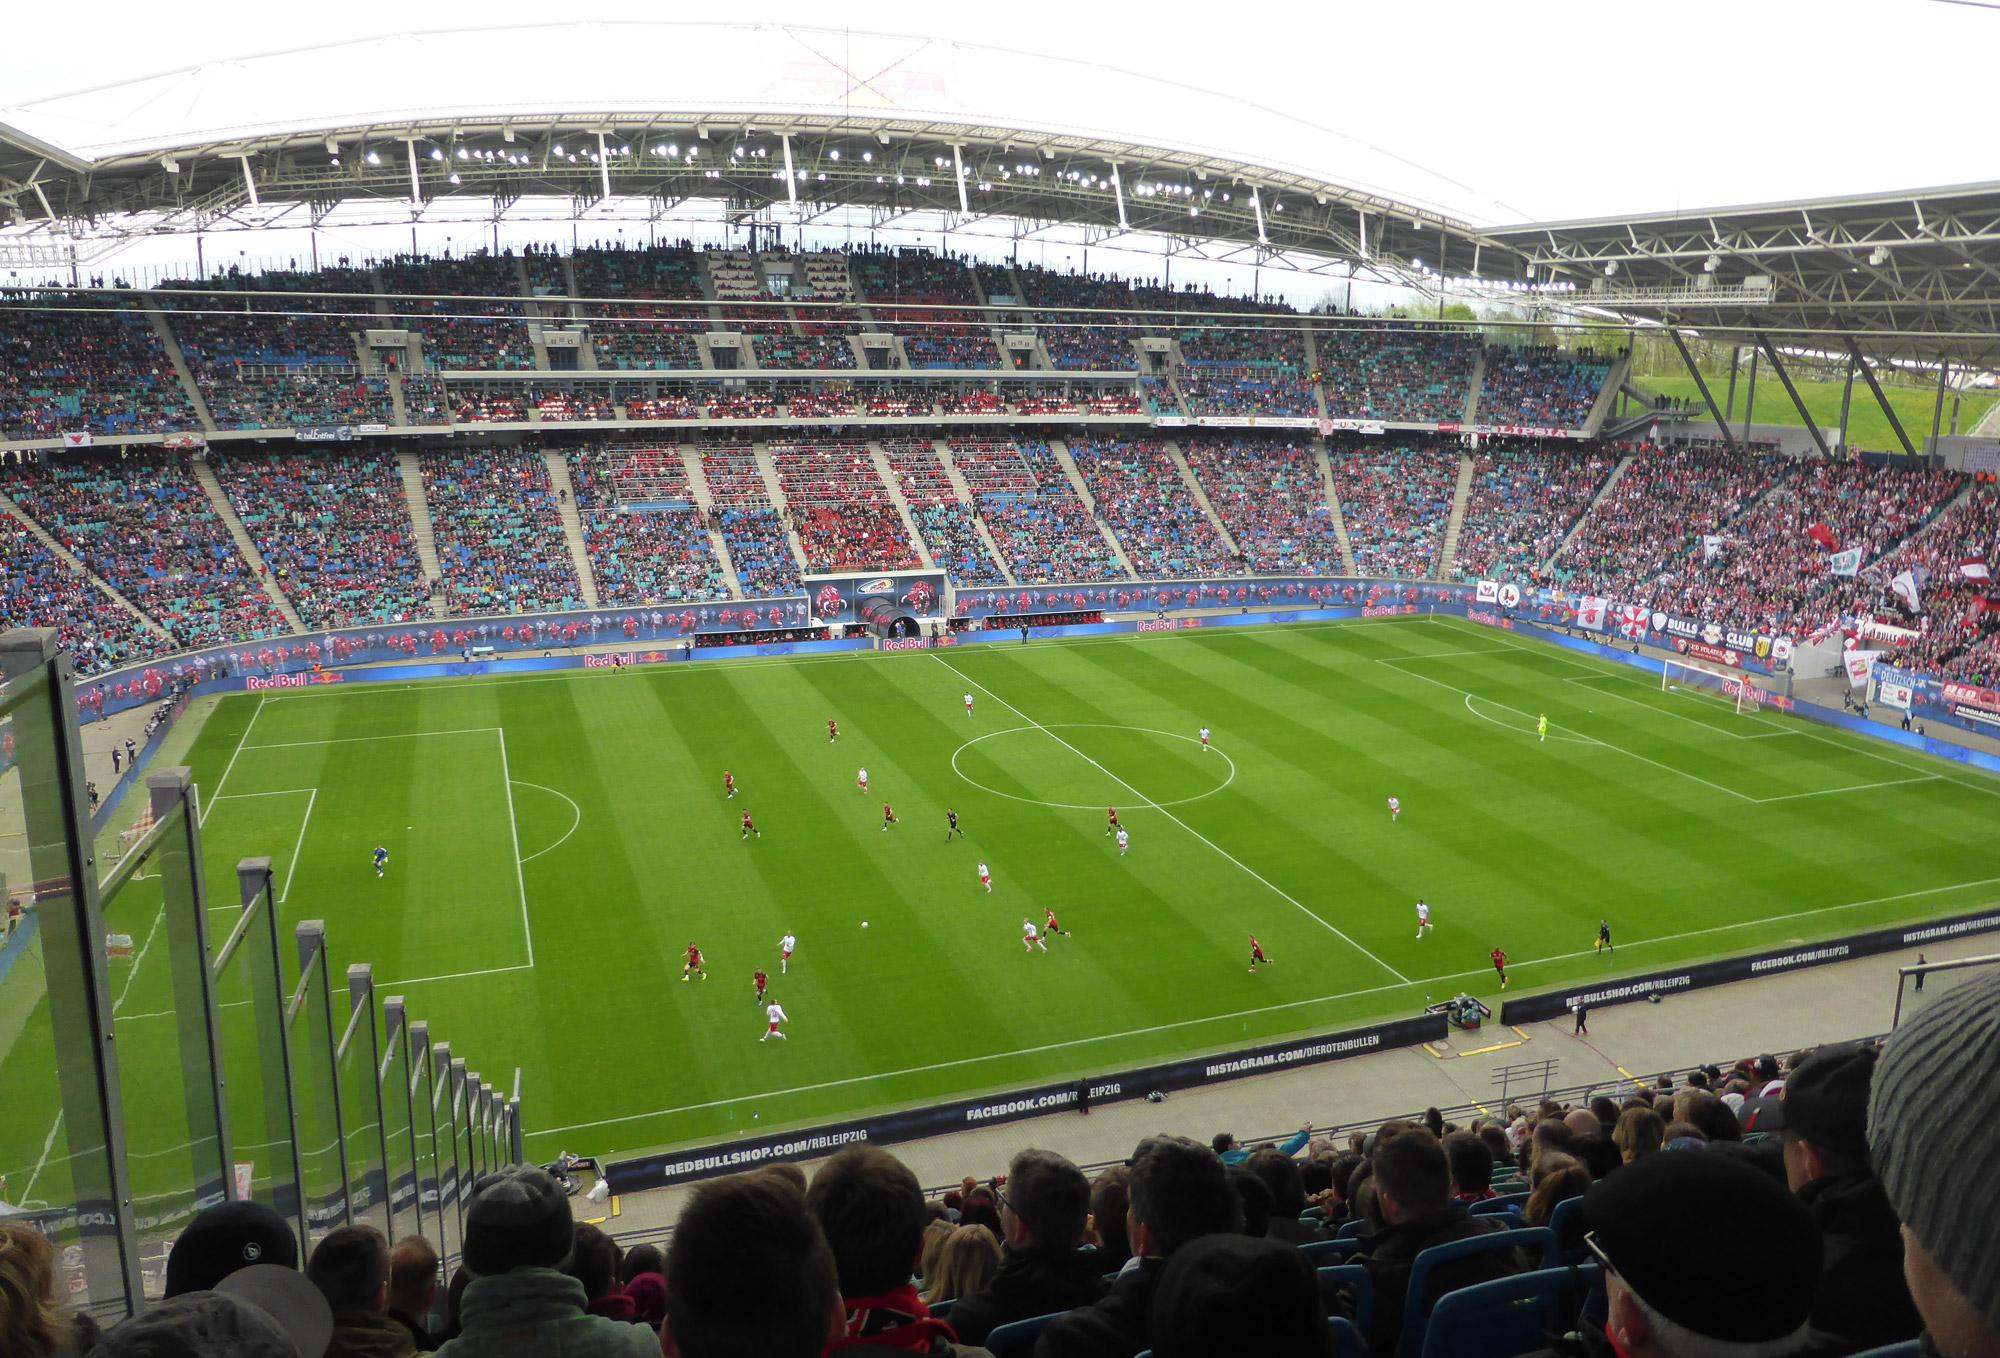 Voetbalwedstrijd van RB Leipzig bezoeken